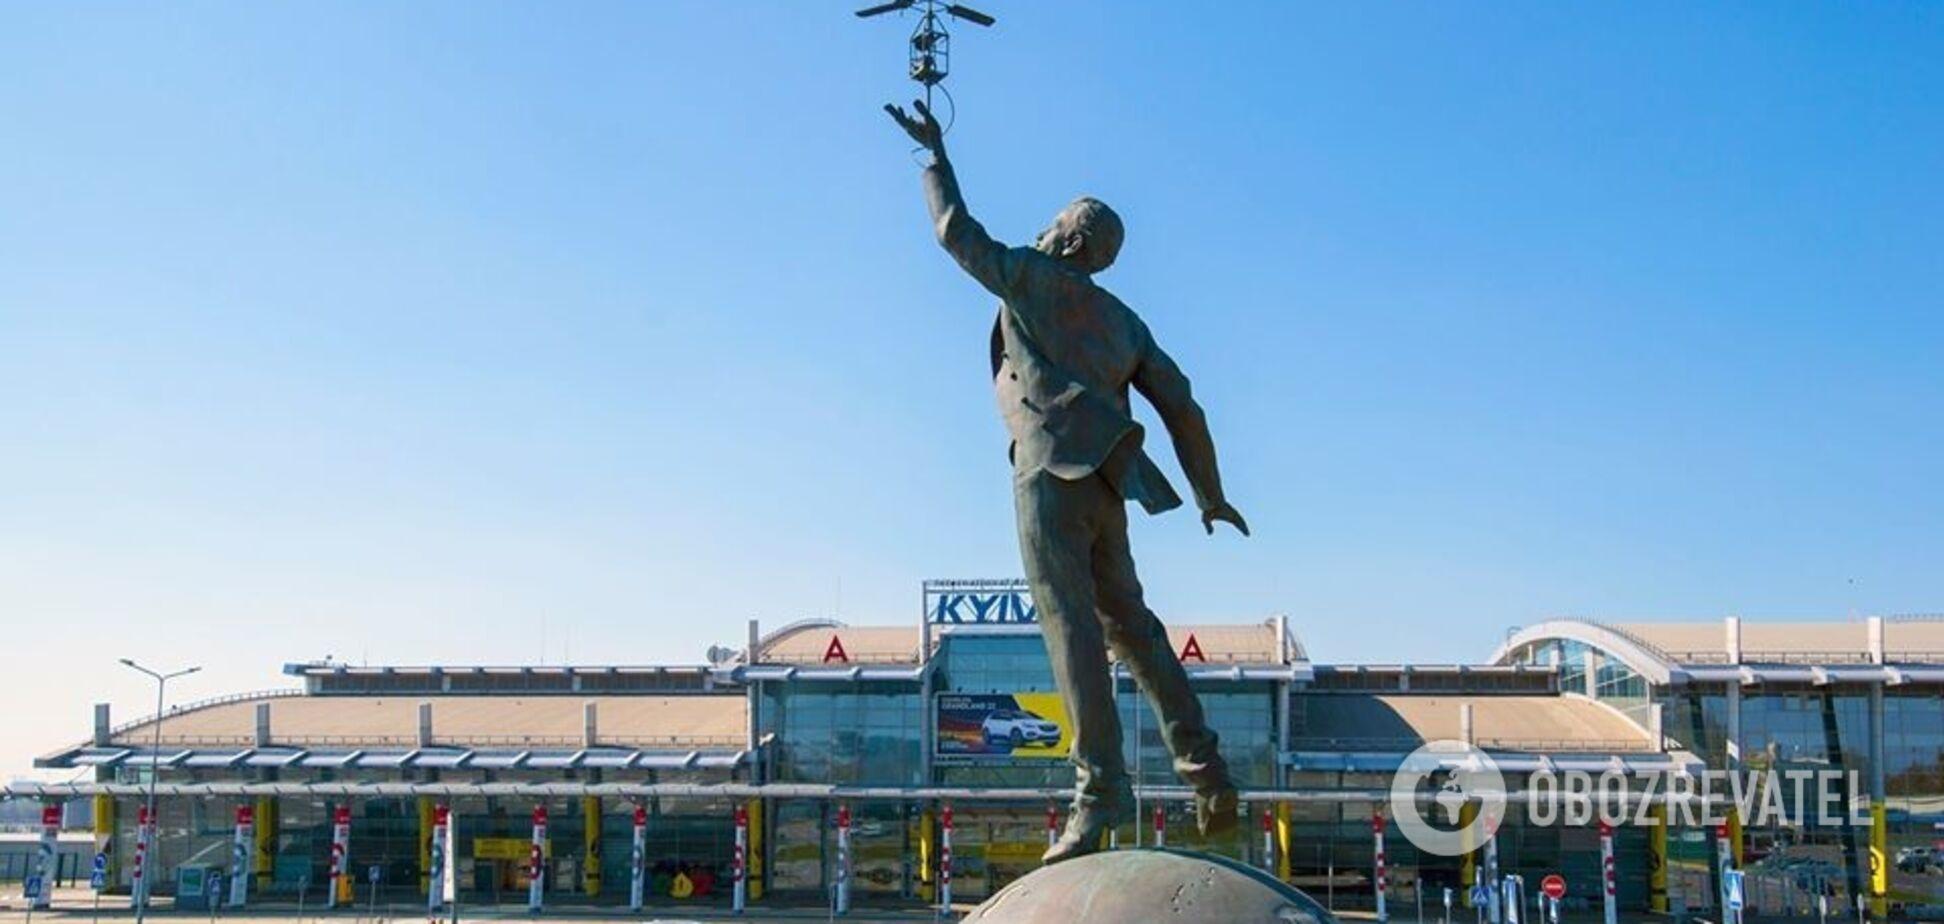 Кличко: Київрада надала Міжнародному аеропорту 'Київ' ім. І. Сікорського земельну ділянку під подальшу його реконструкцію